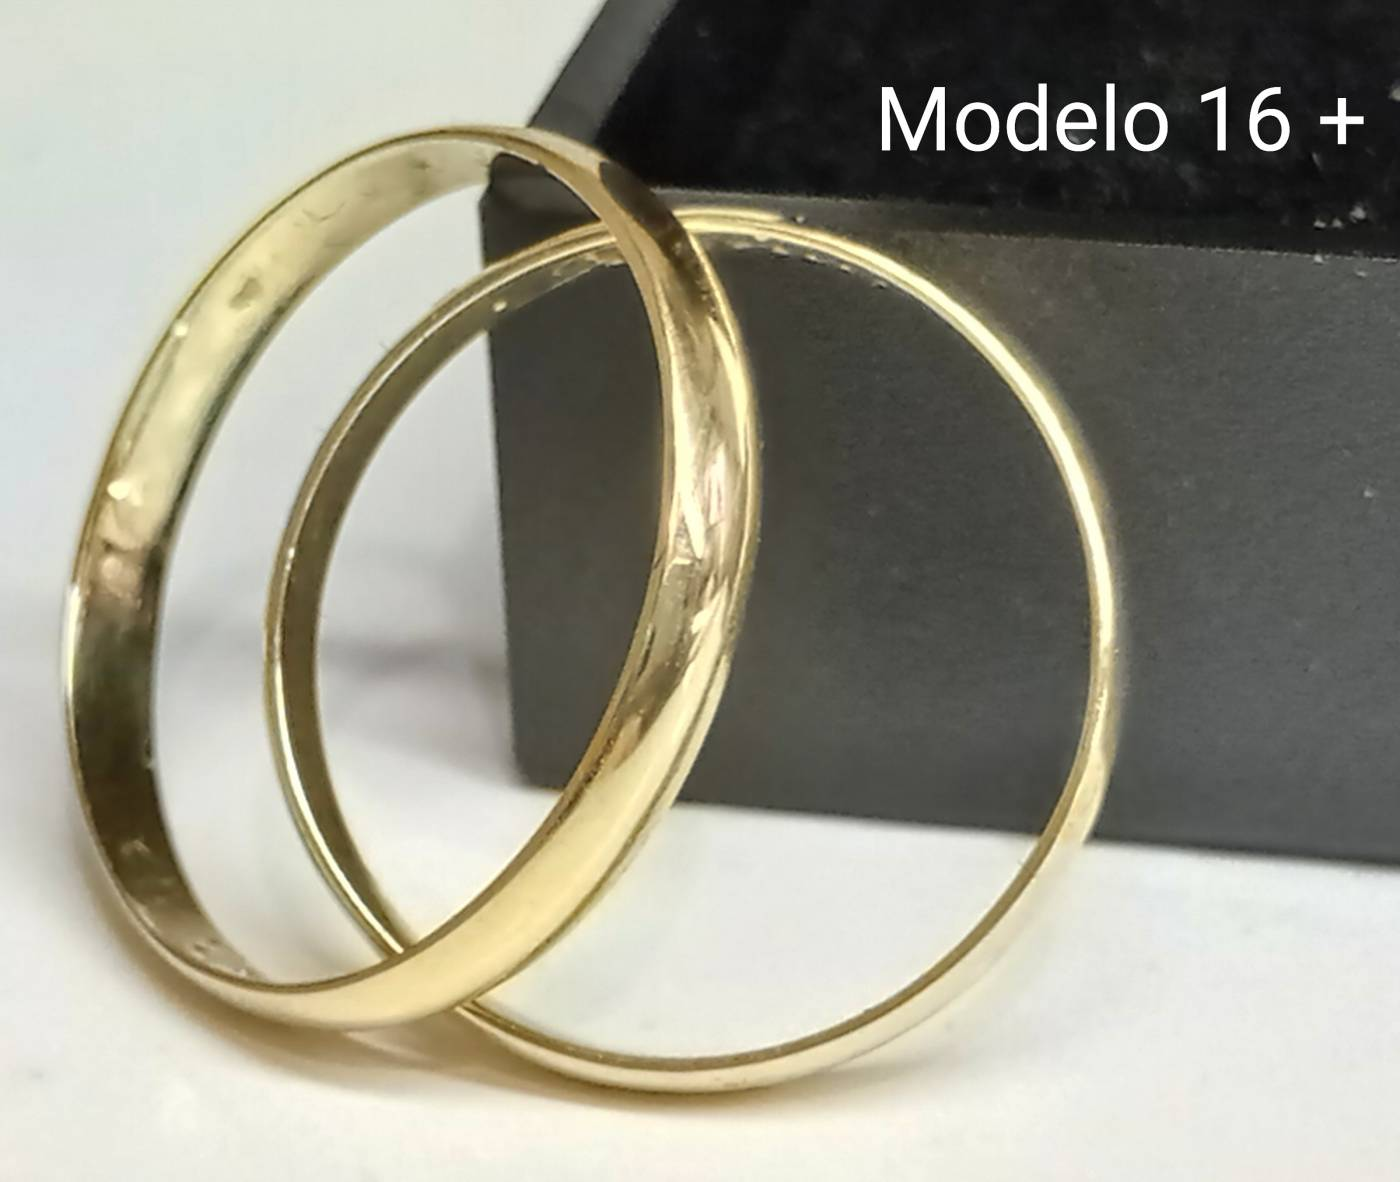 Modelo 16 +